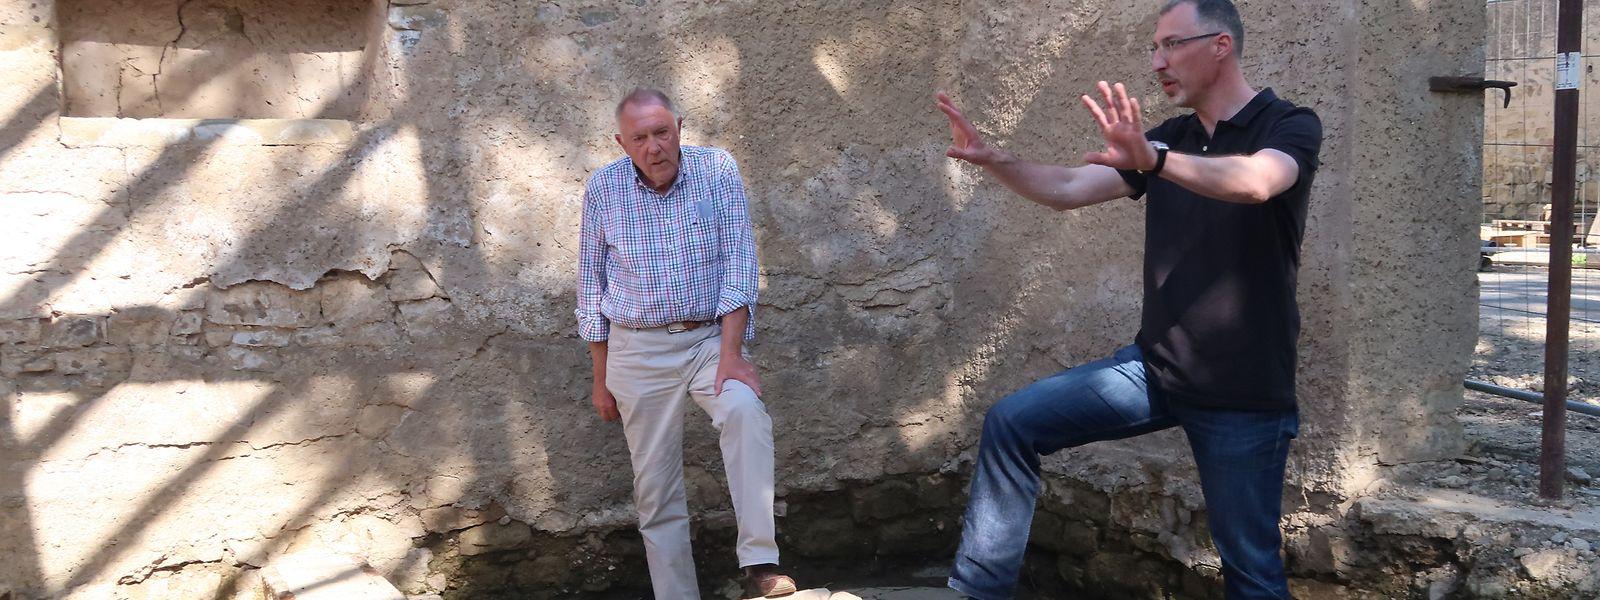 Lokalhistoriker Paul Weber (links) und Bürgermeister Jean-François Wirtz besichtigen den unerwarteten Fund. Sogar die Wasserleitung ist noch erhalten.